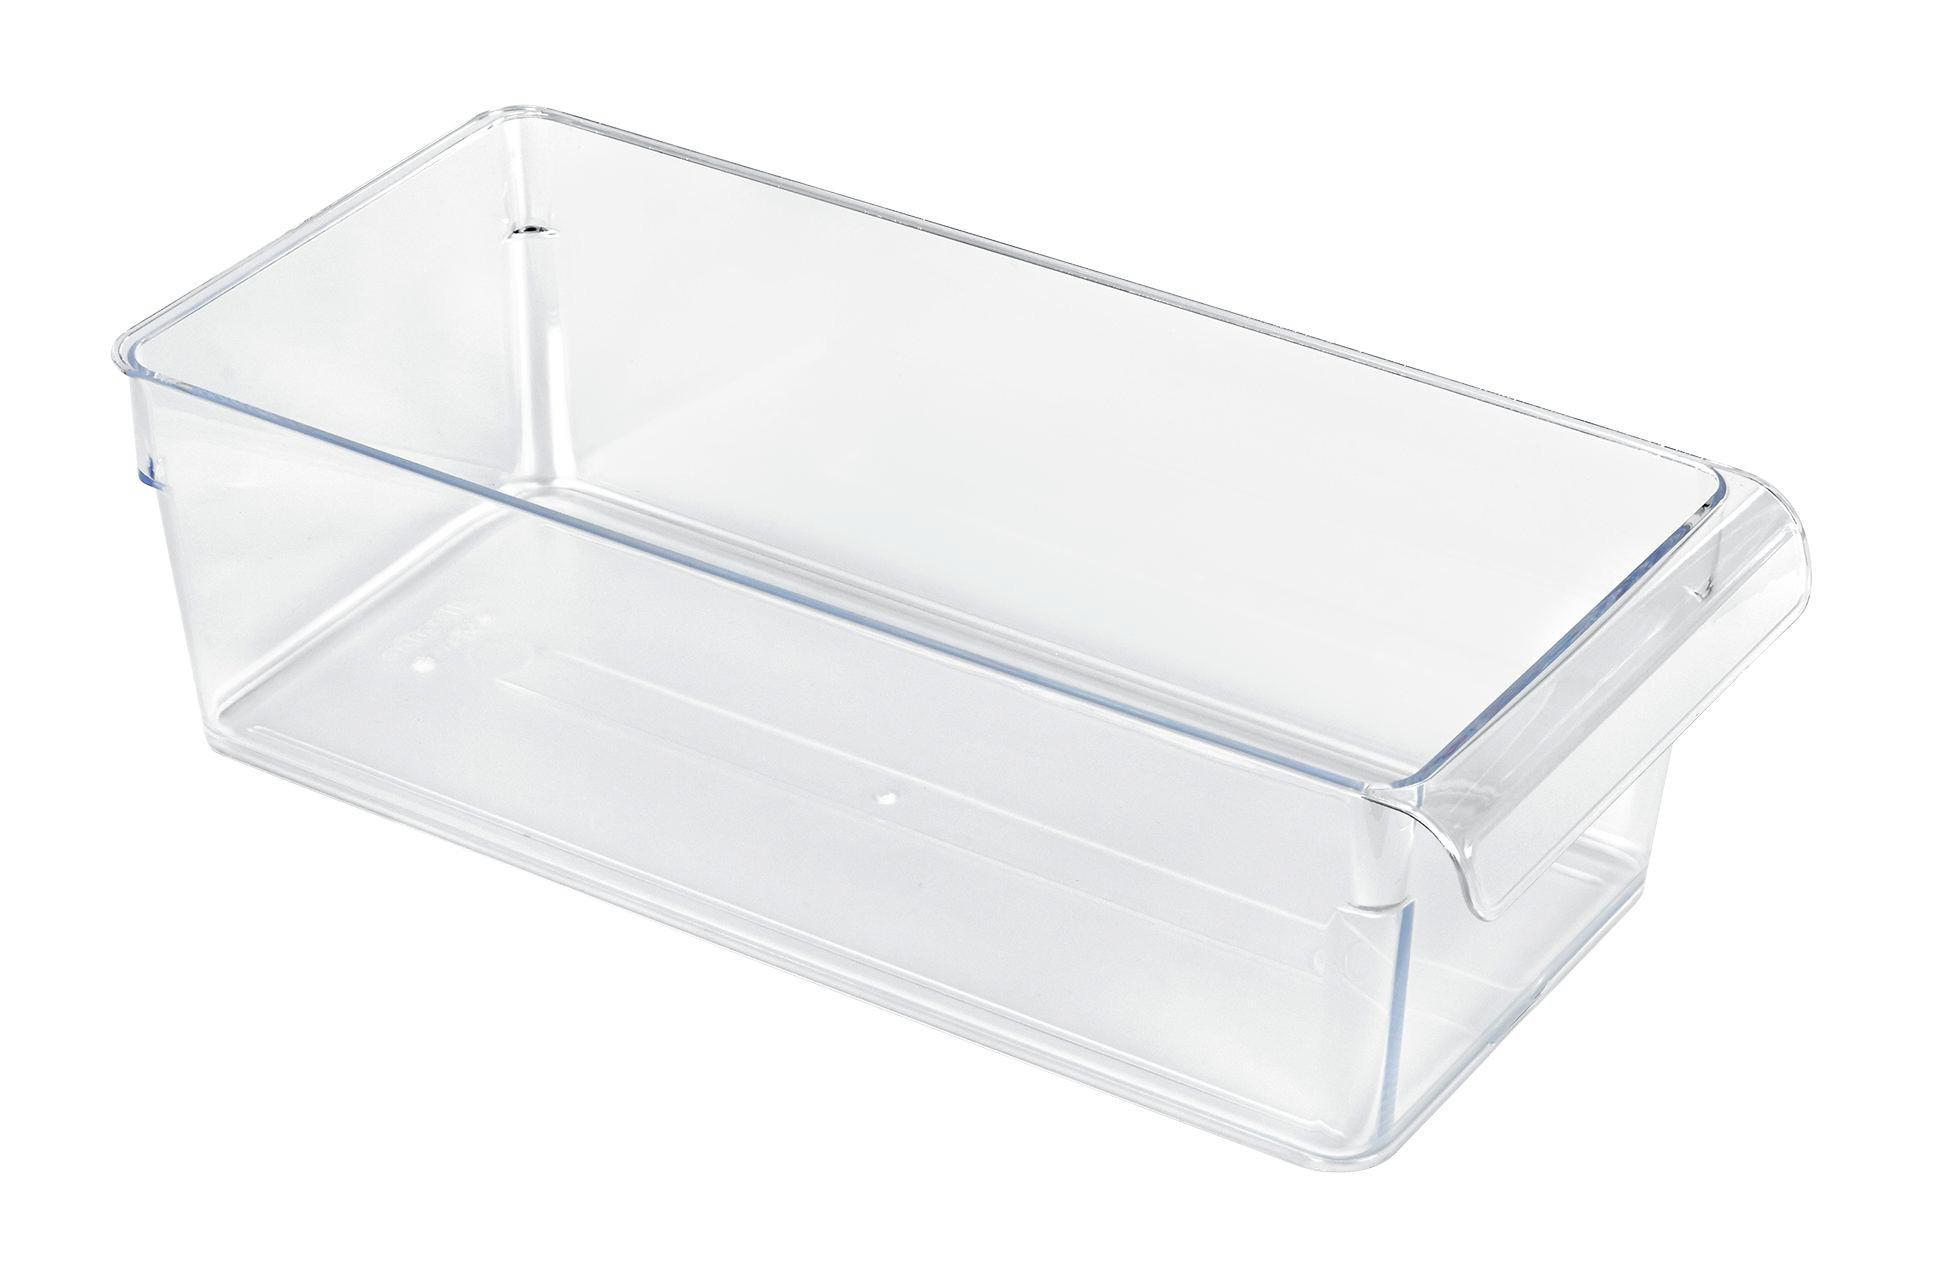 Kühlschrankbox : Große tupperware kühlschrankbox behälter neu ovp in duisburg